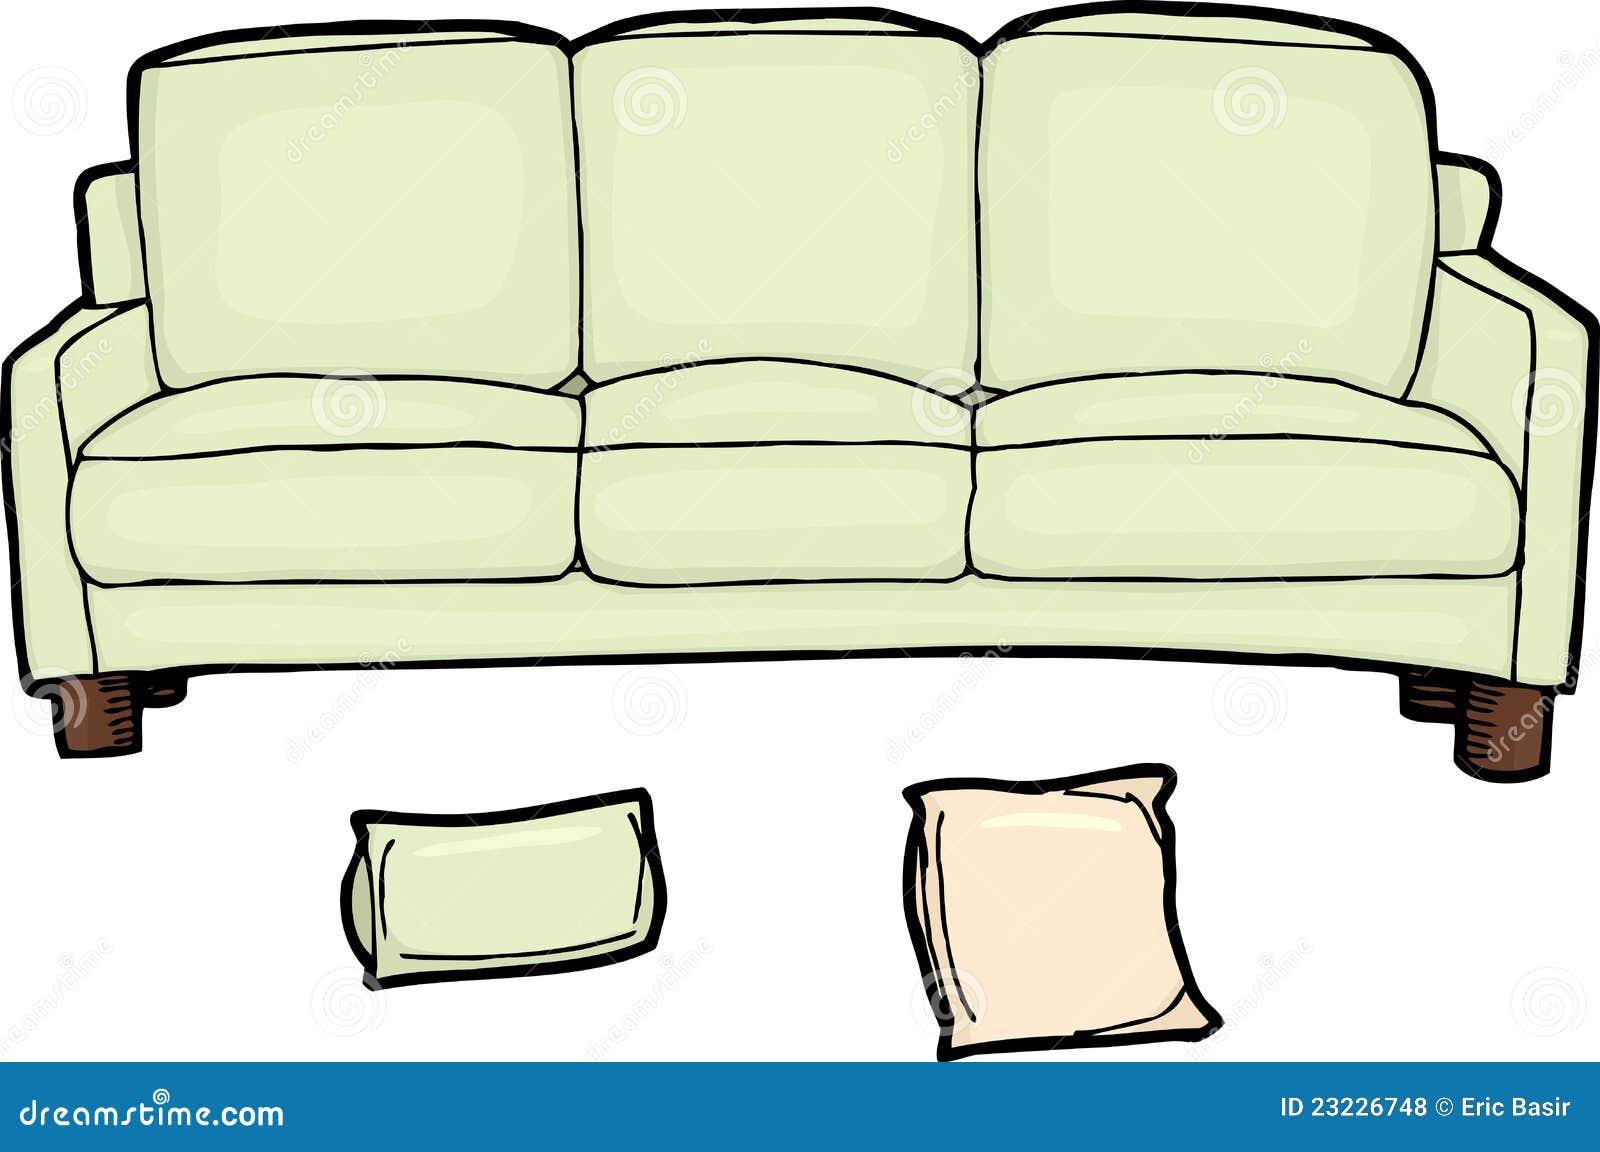 Sofa gezeichnet  Ikea Eck Ledersofa: Schlafsofa jugend möbelideen.